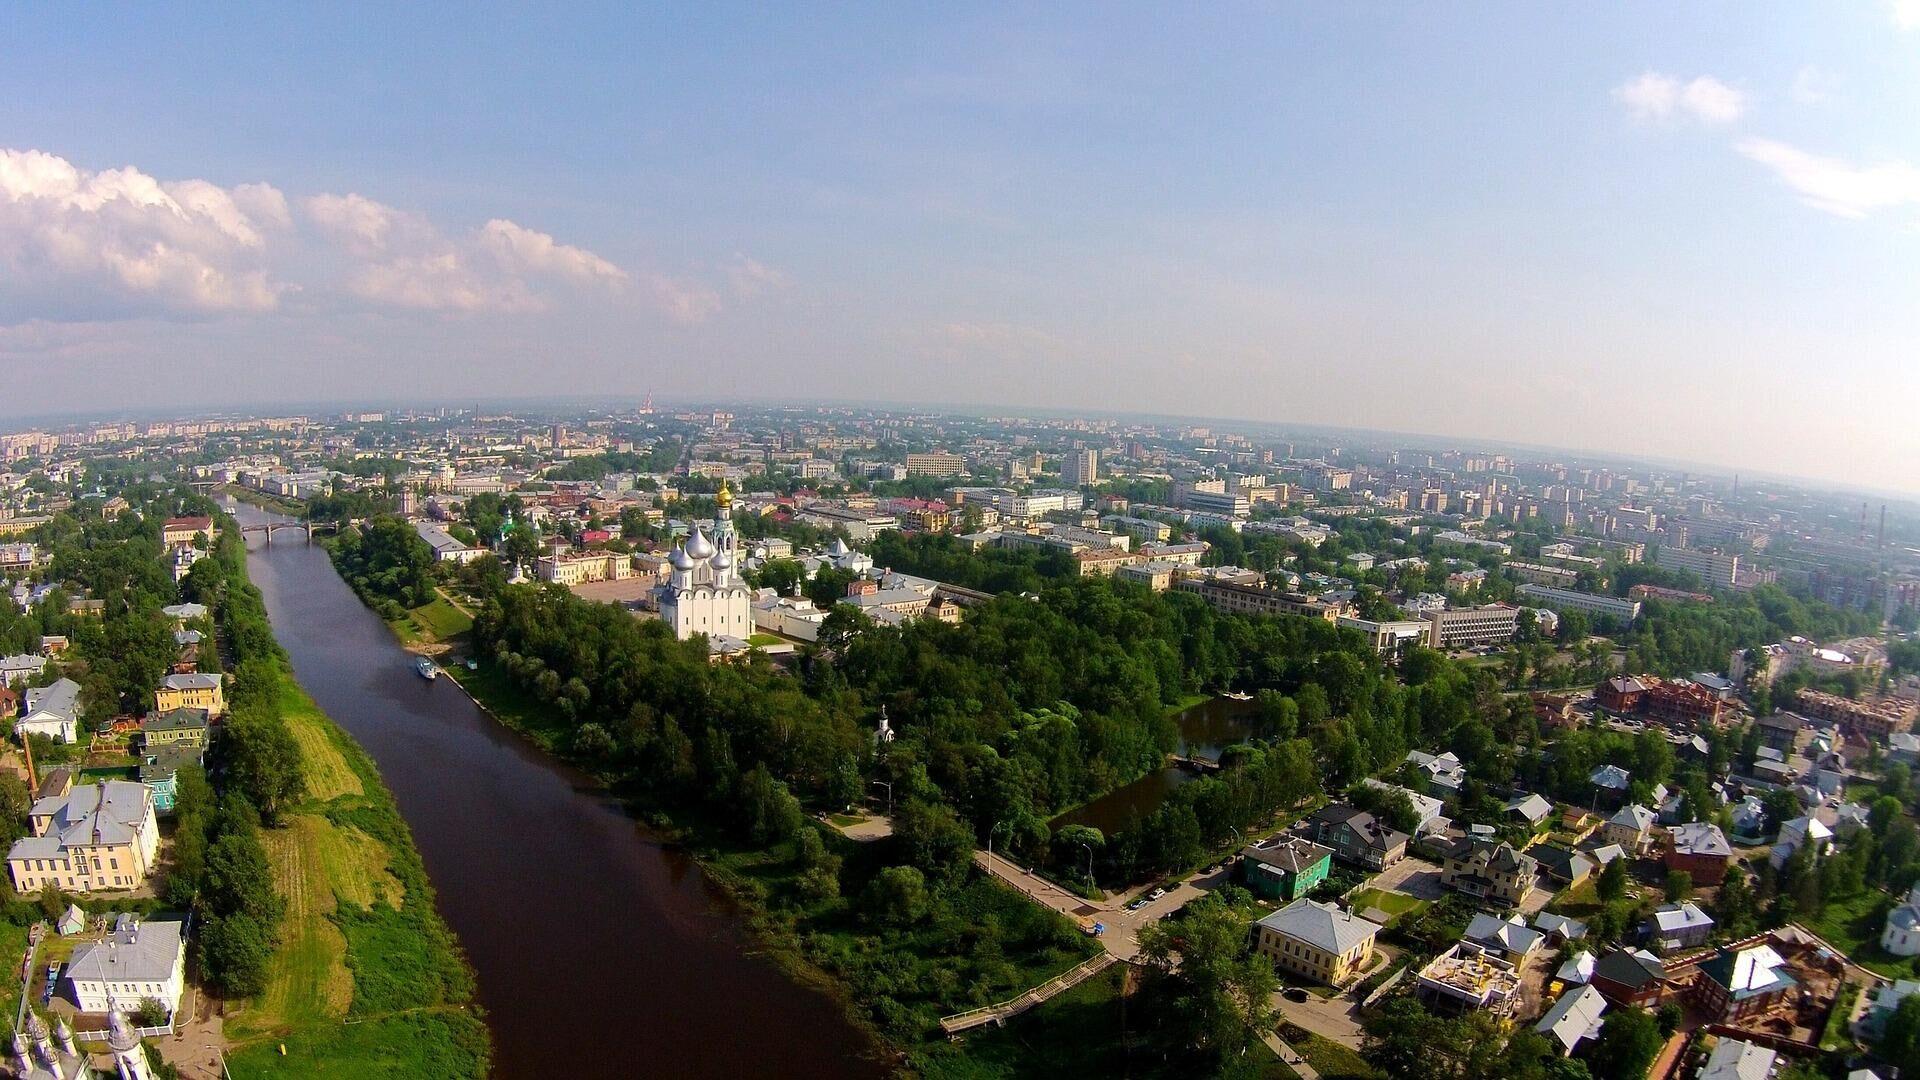 Вологда - РИА Новости, 1920, 09.09.2020